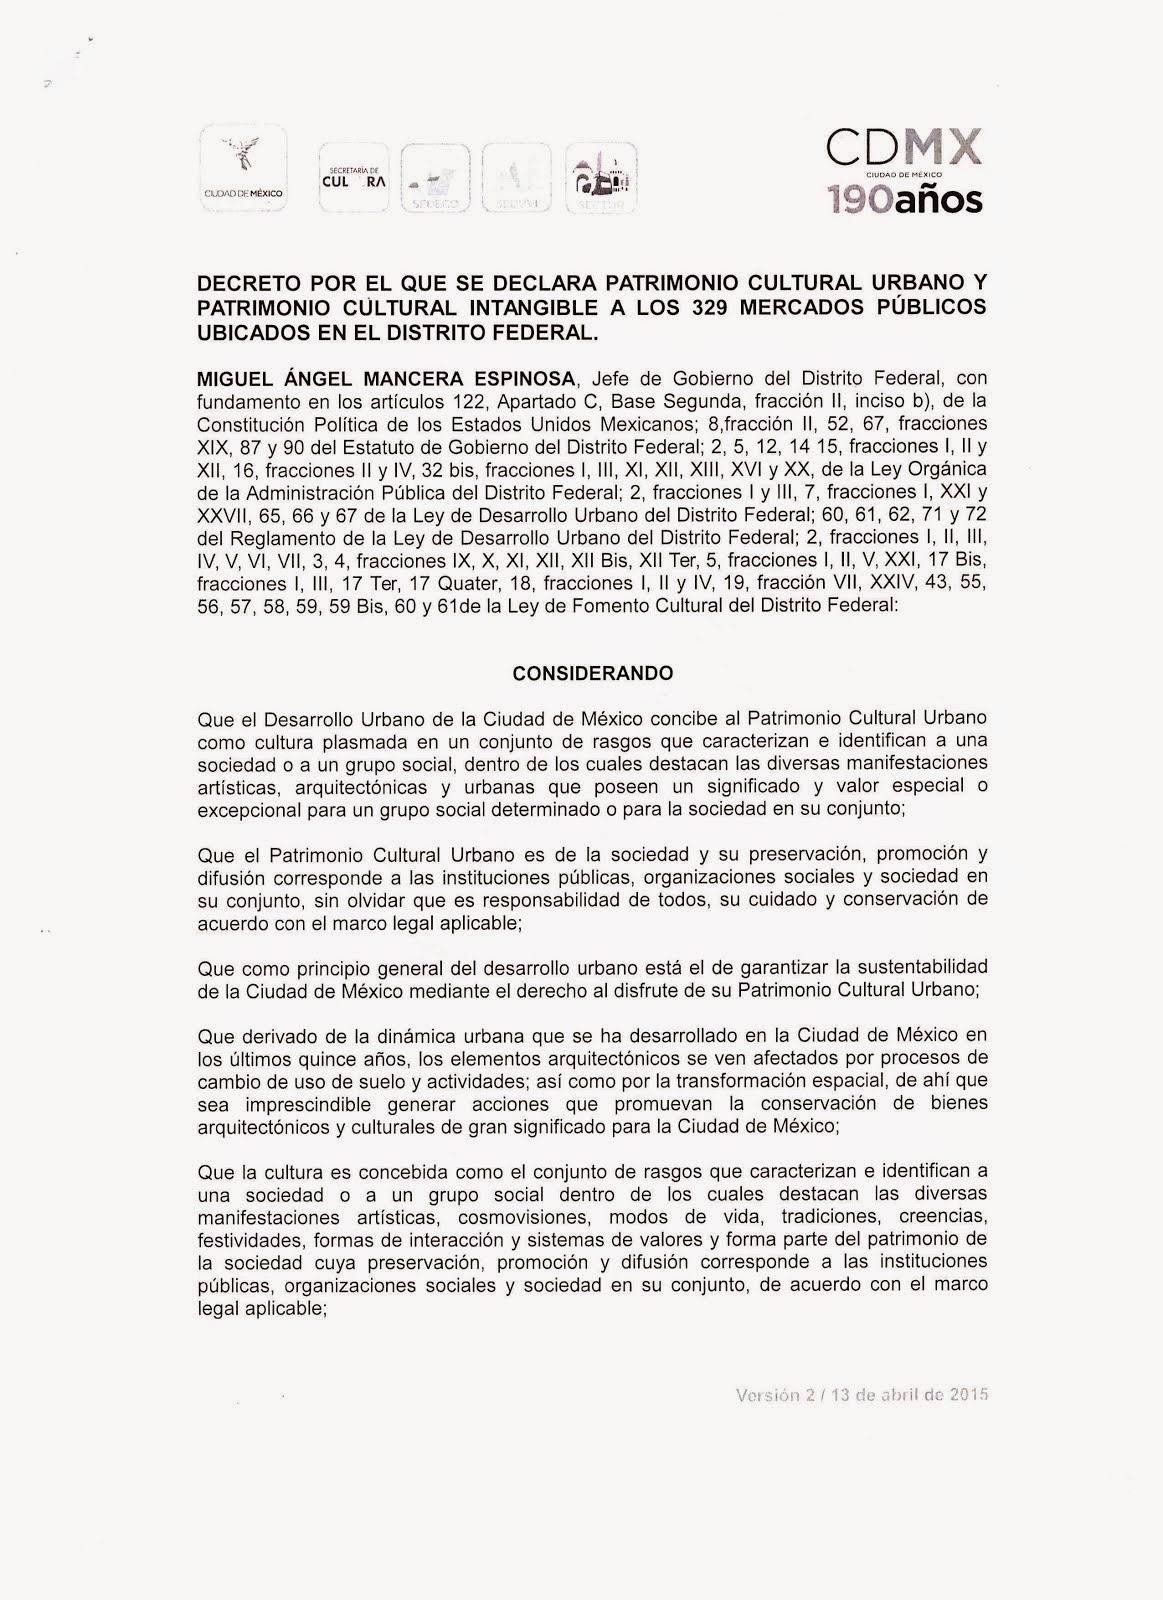 DECRETO PARA LOS 329 MERCADOS PÚBLICOS DEL DISTRITO FEDERAL